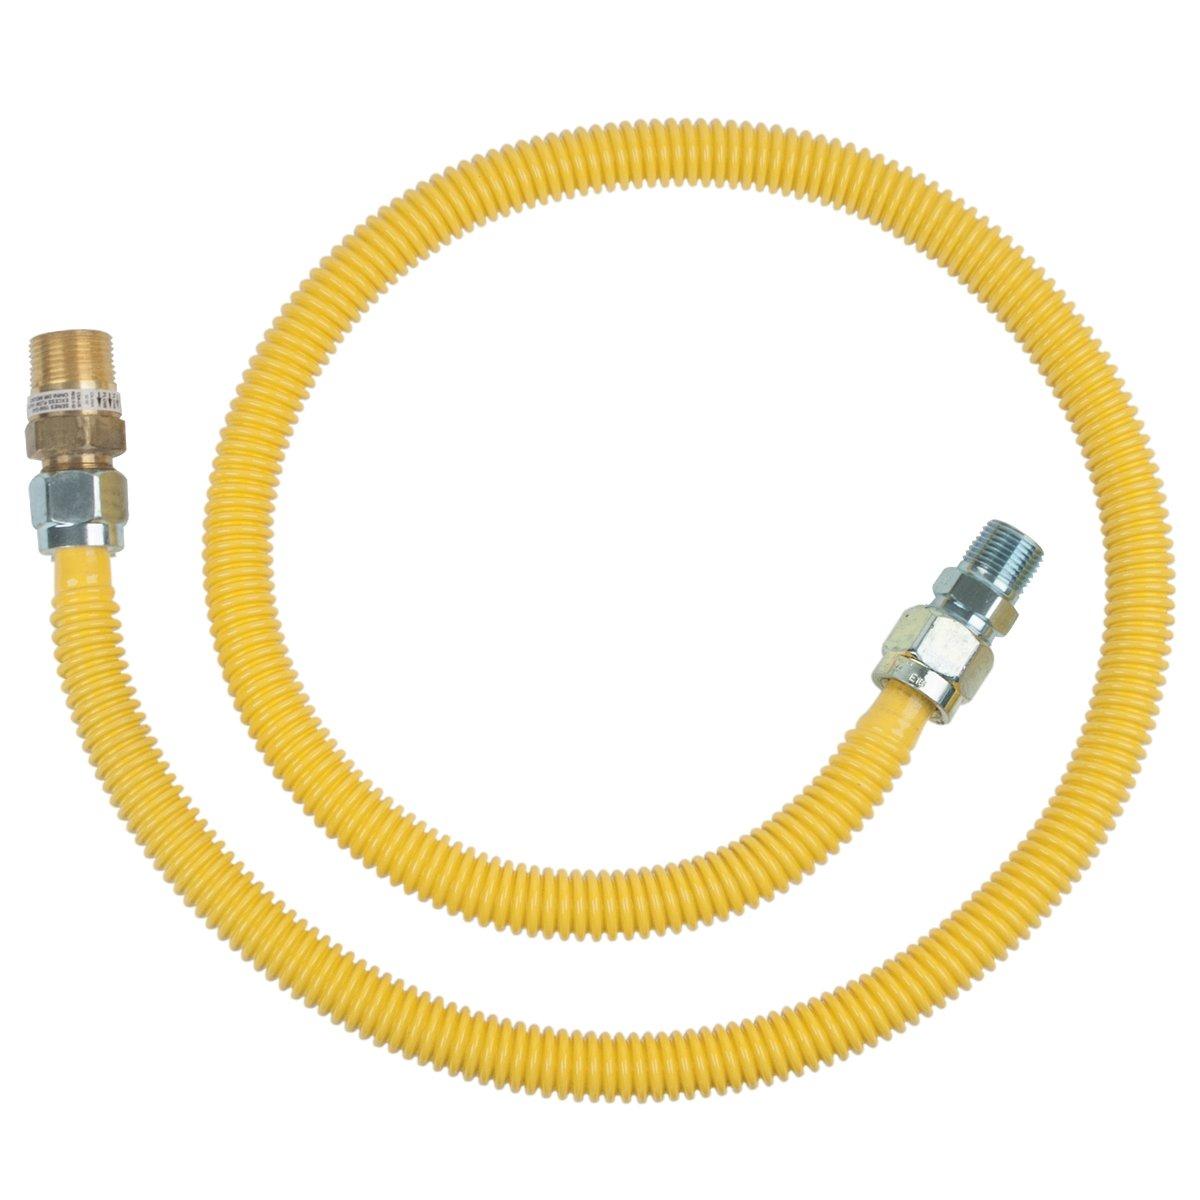 BrassCraft CSSC14R-48 P Safety PLUS Gas Appliance 5/8'' OD Connector with 3/4'' MIP EFV x 1/2'' MIP x 48''